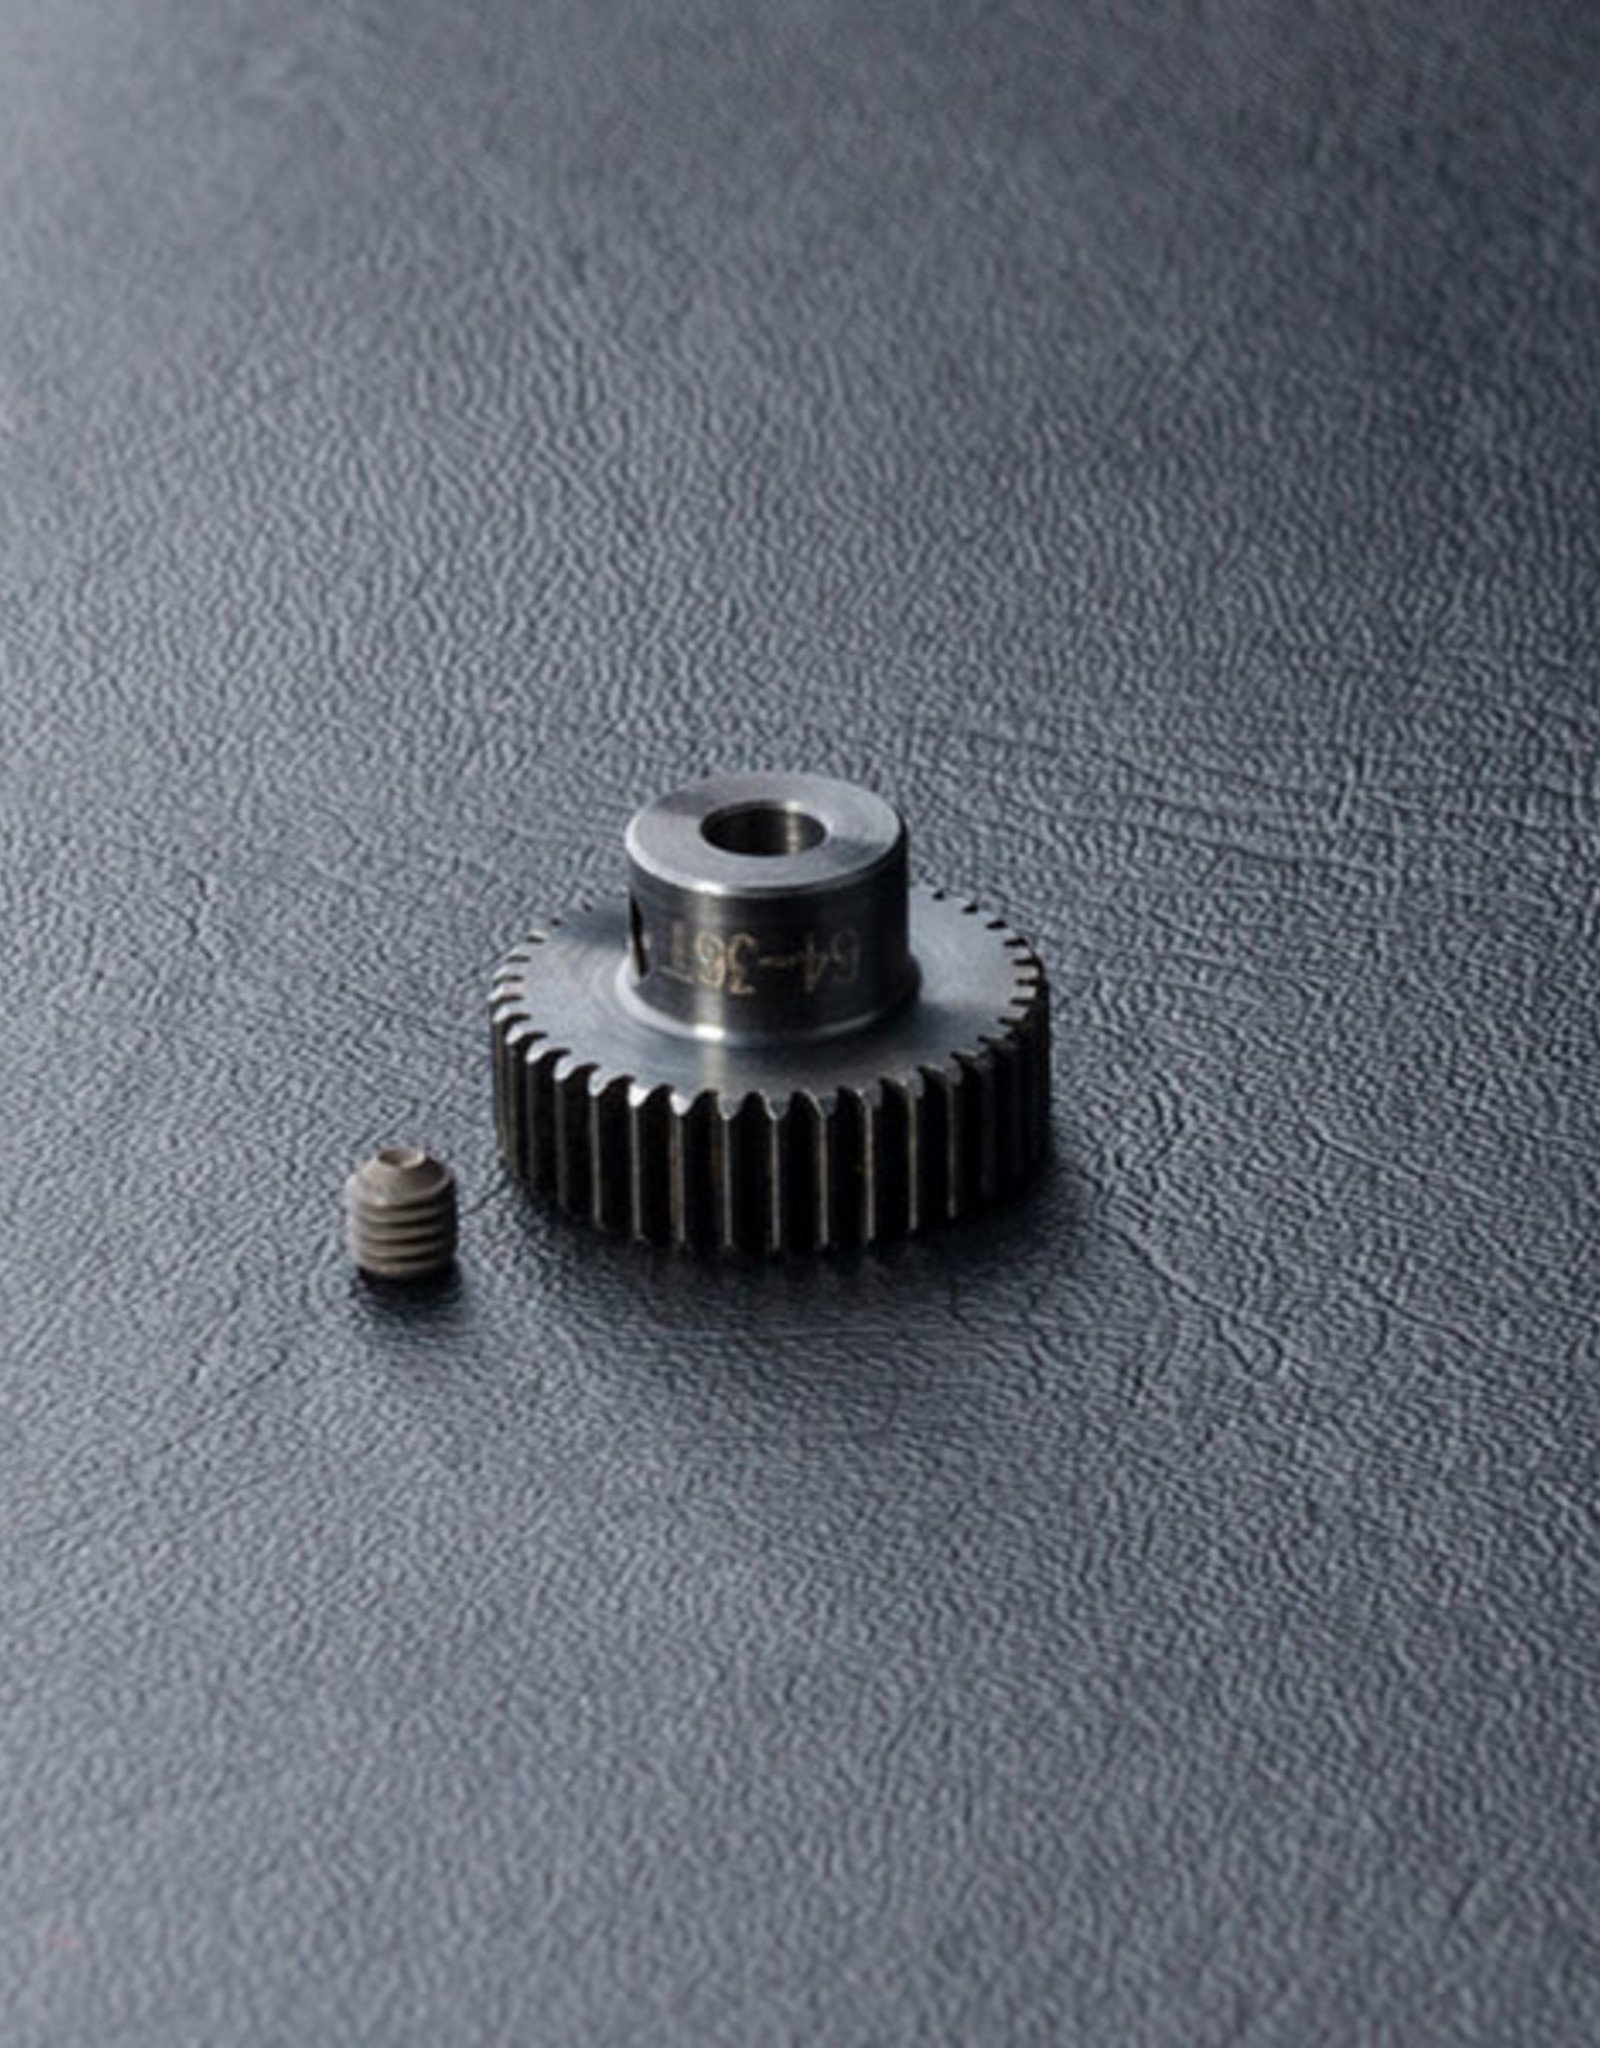 MST MXSPD164036 MST 64P Pinion Gear 36T 164036 by MST